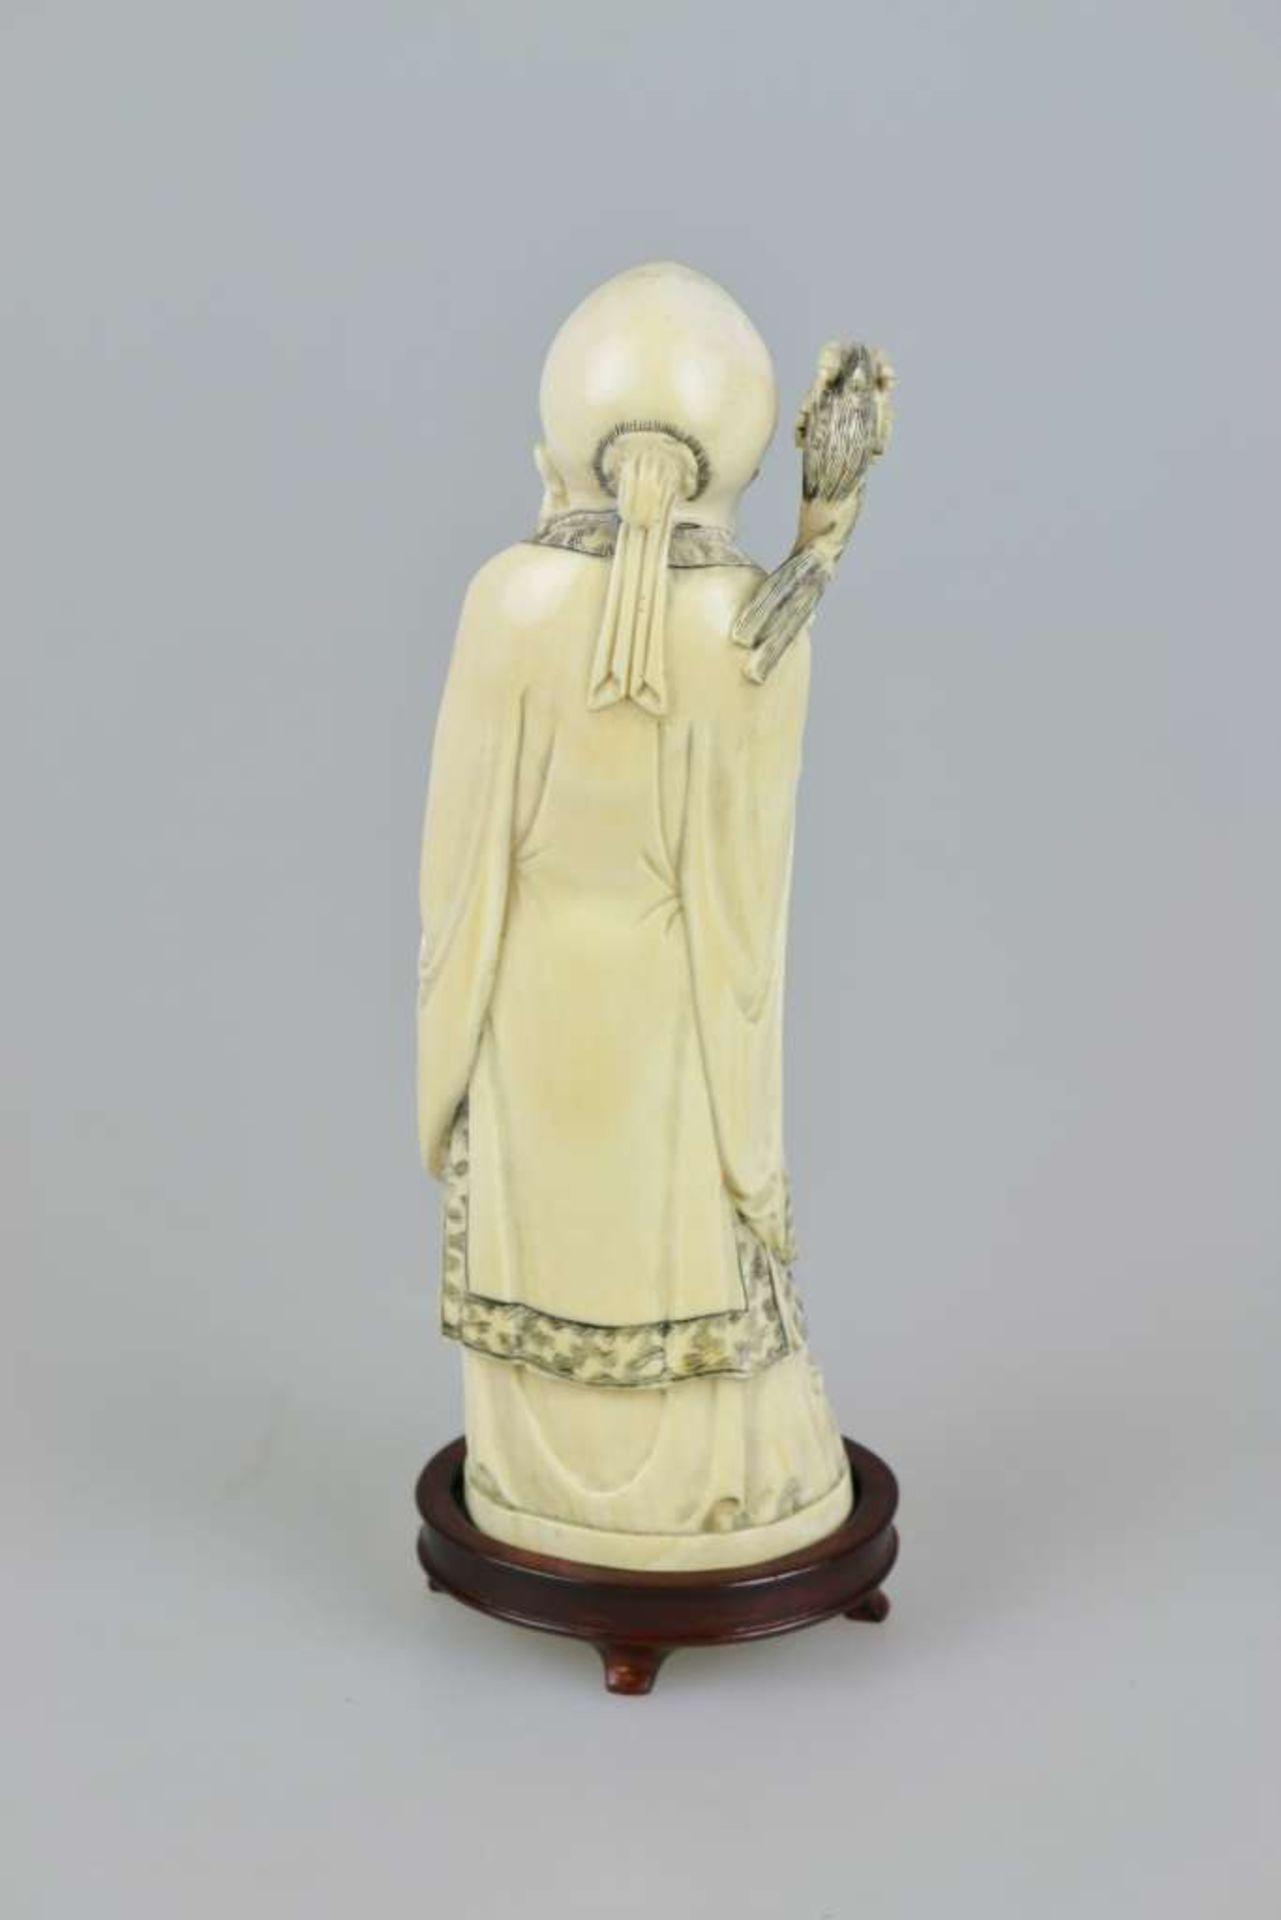 Eine große Elfenbeinschnitzerei von SHOU XING, Gott der Langlebigkeit, fein geschnitzt, auf ei - Bild 2 aus 3